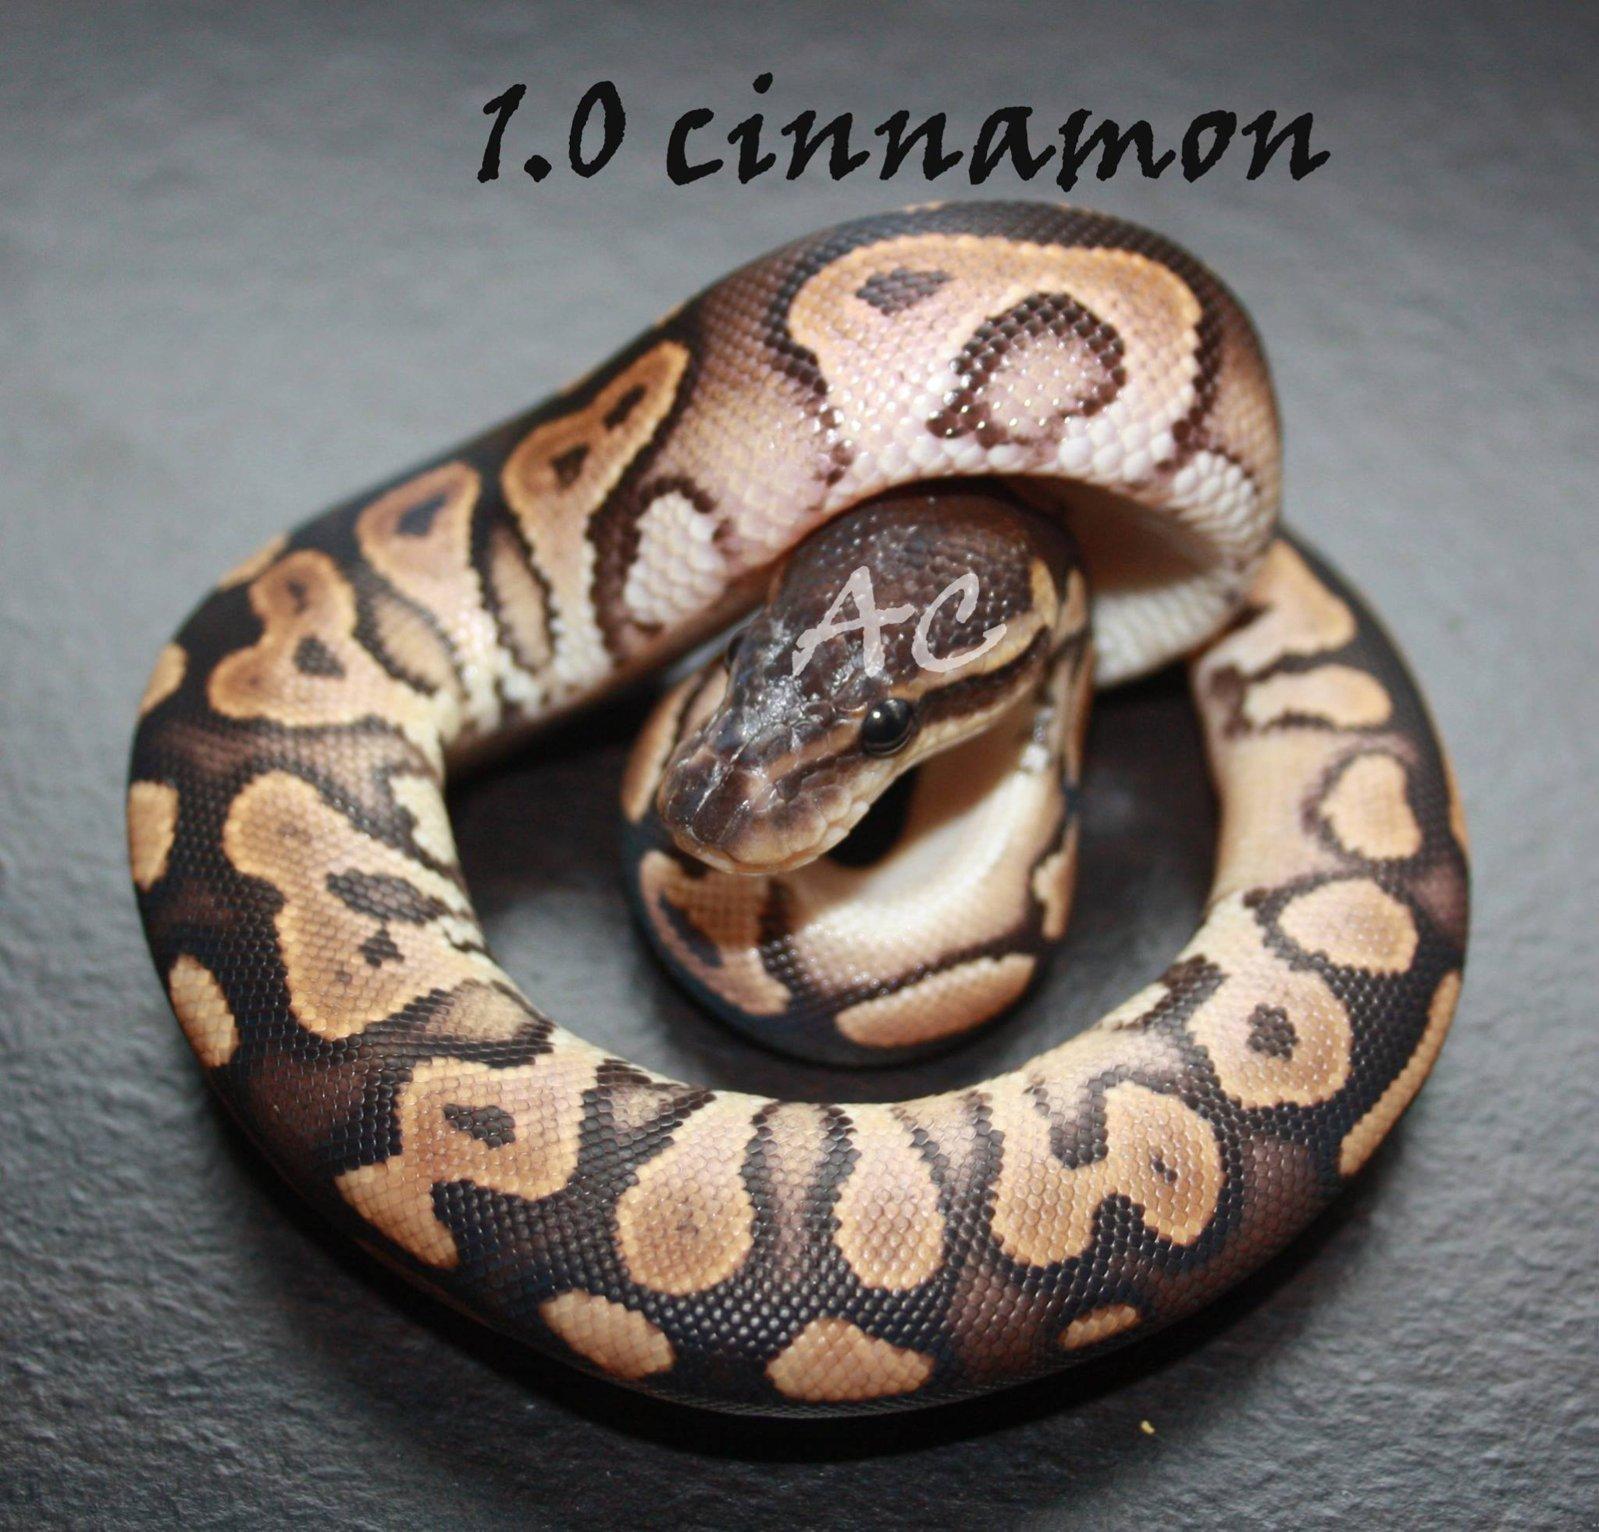 cinn2.jpg